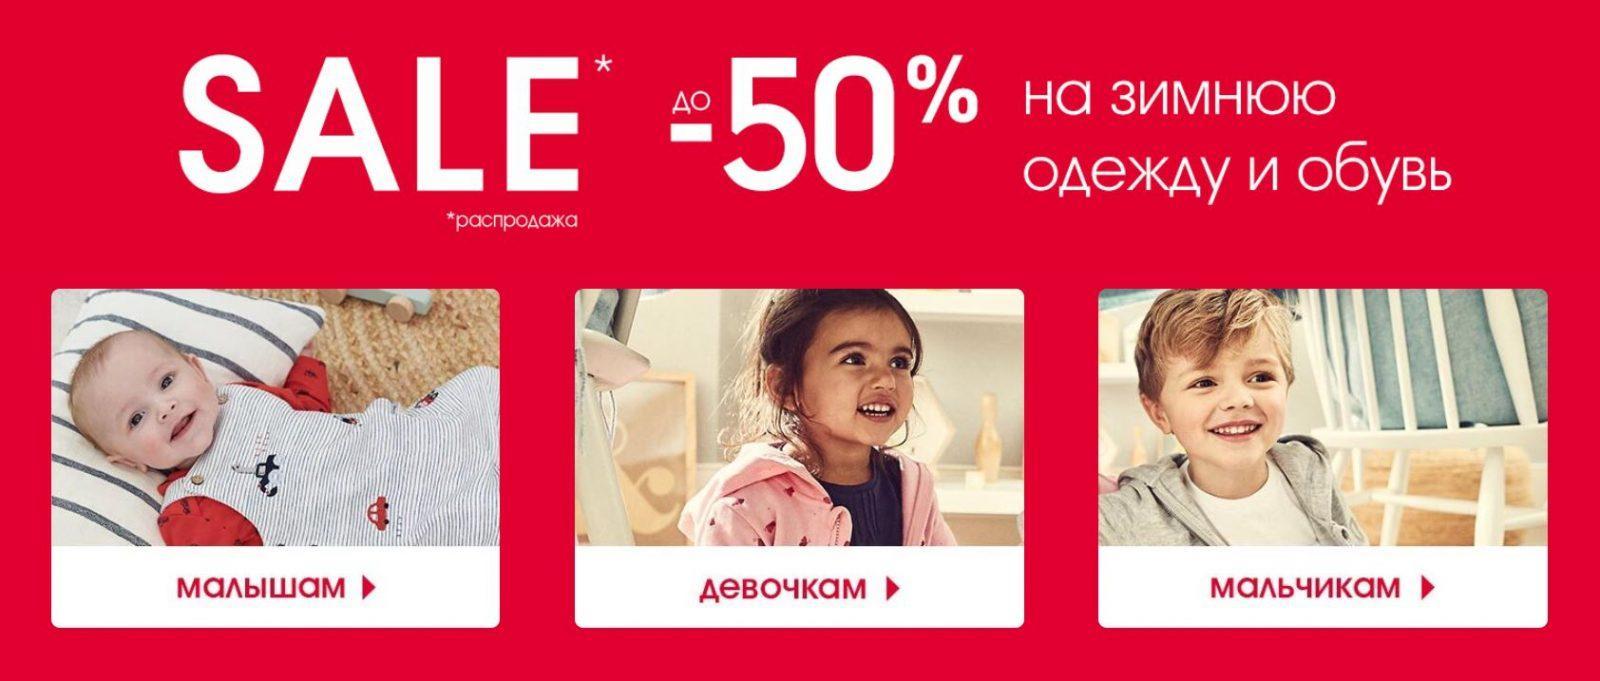 Акции на товары для детей